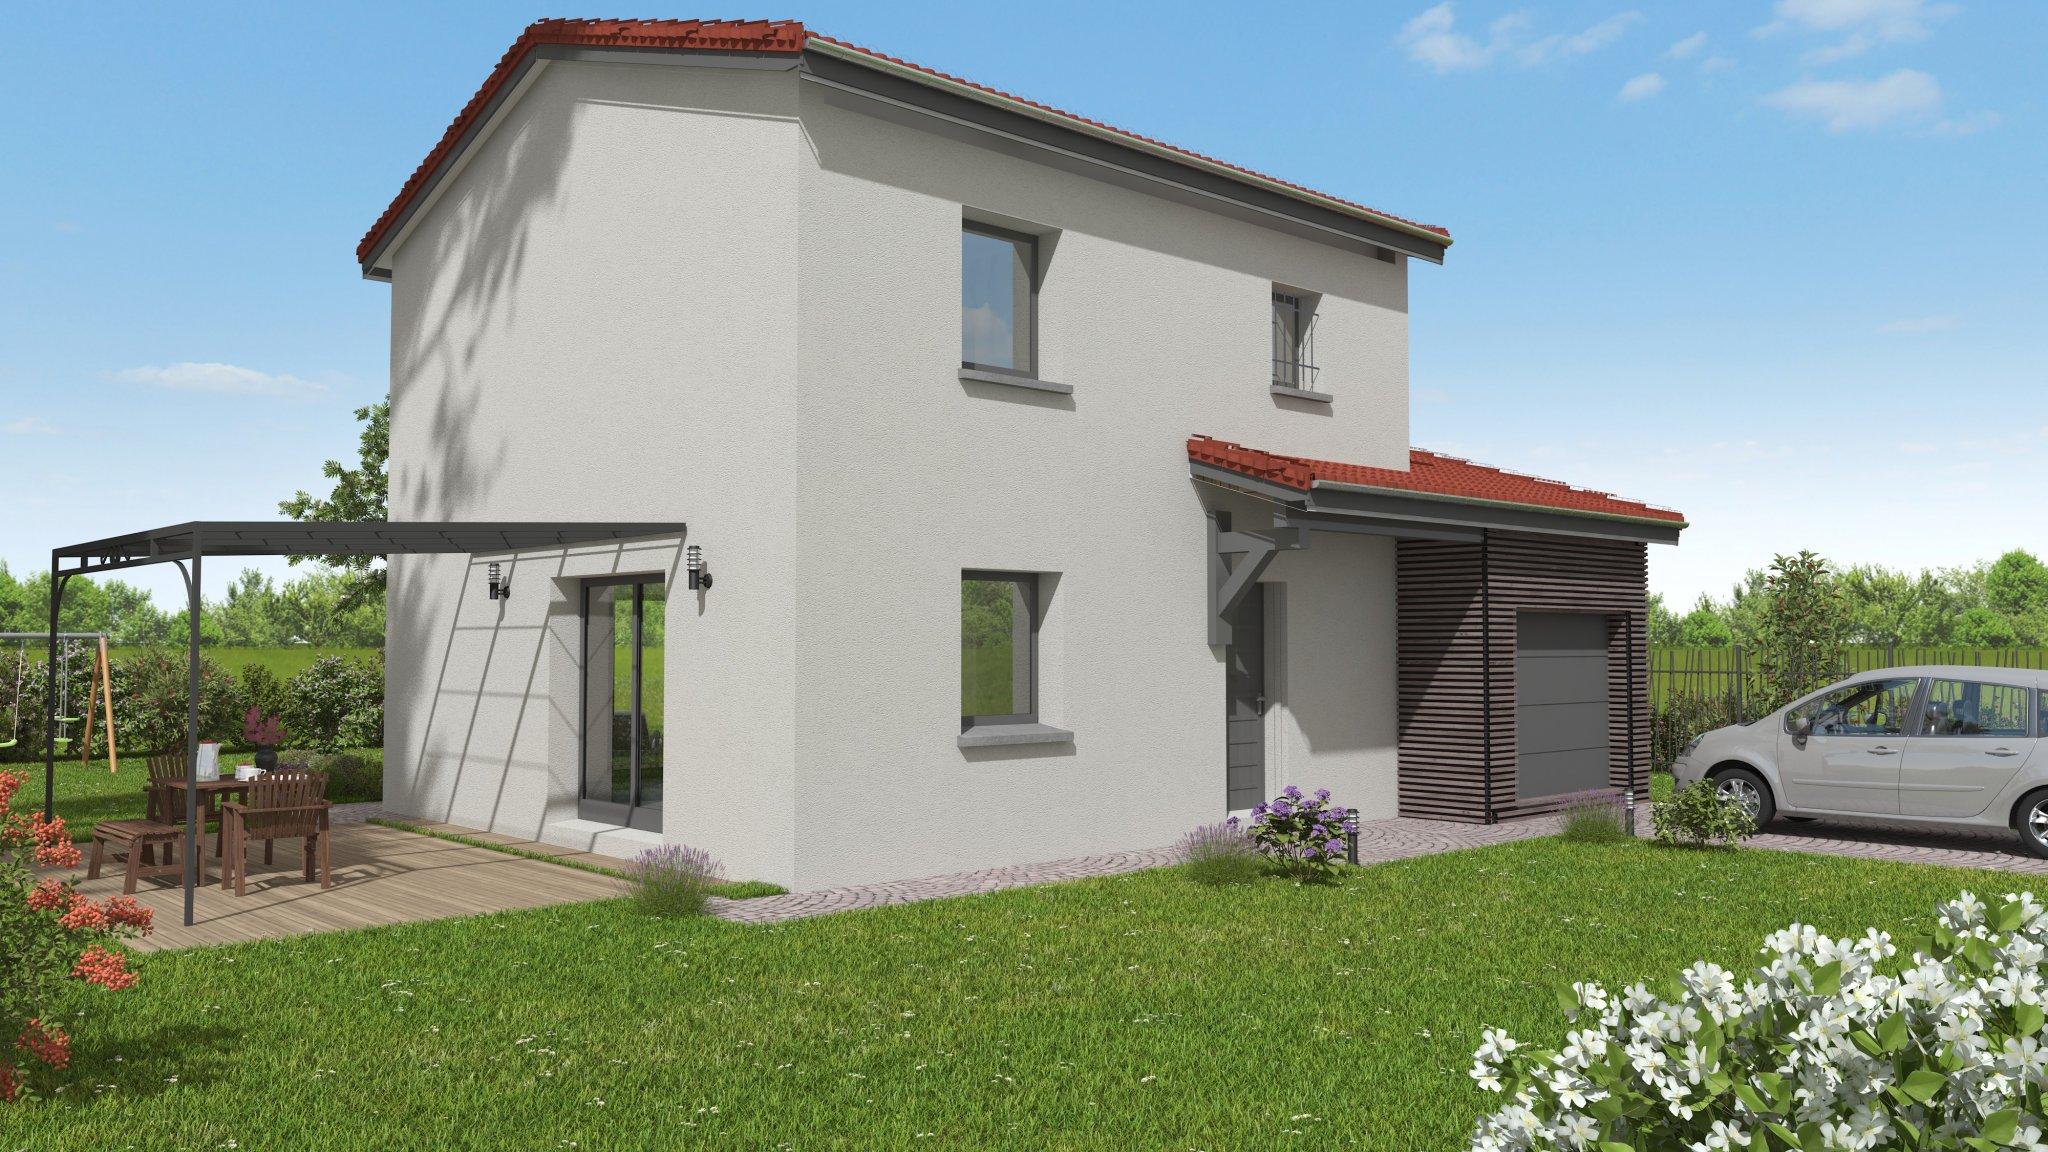 Terrains du constructeur MAISONS CLEDOR • 580 m² • CEBAZAT